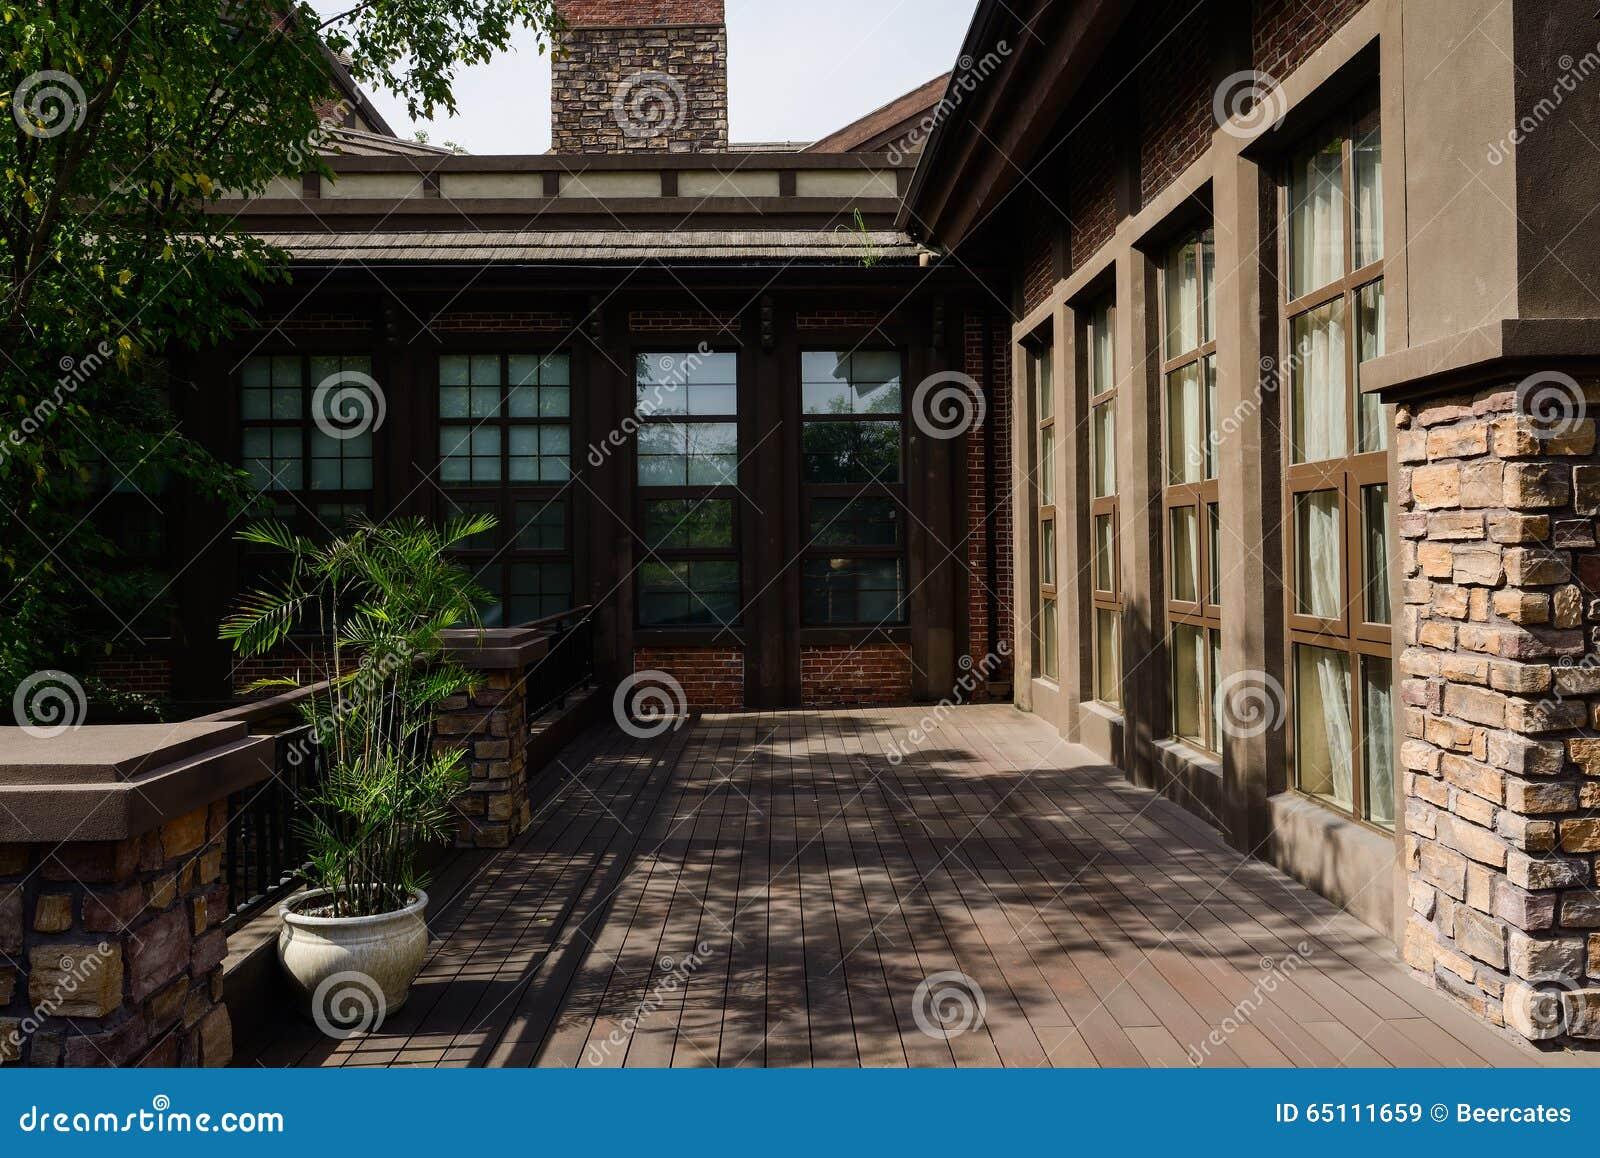 Het in de schaduw gestelde terras met planked vloer in de zonnige